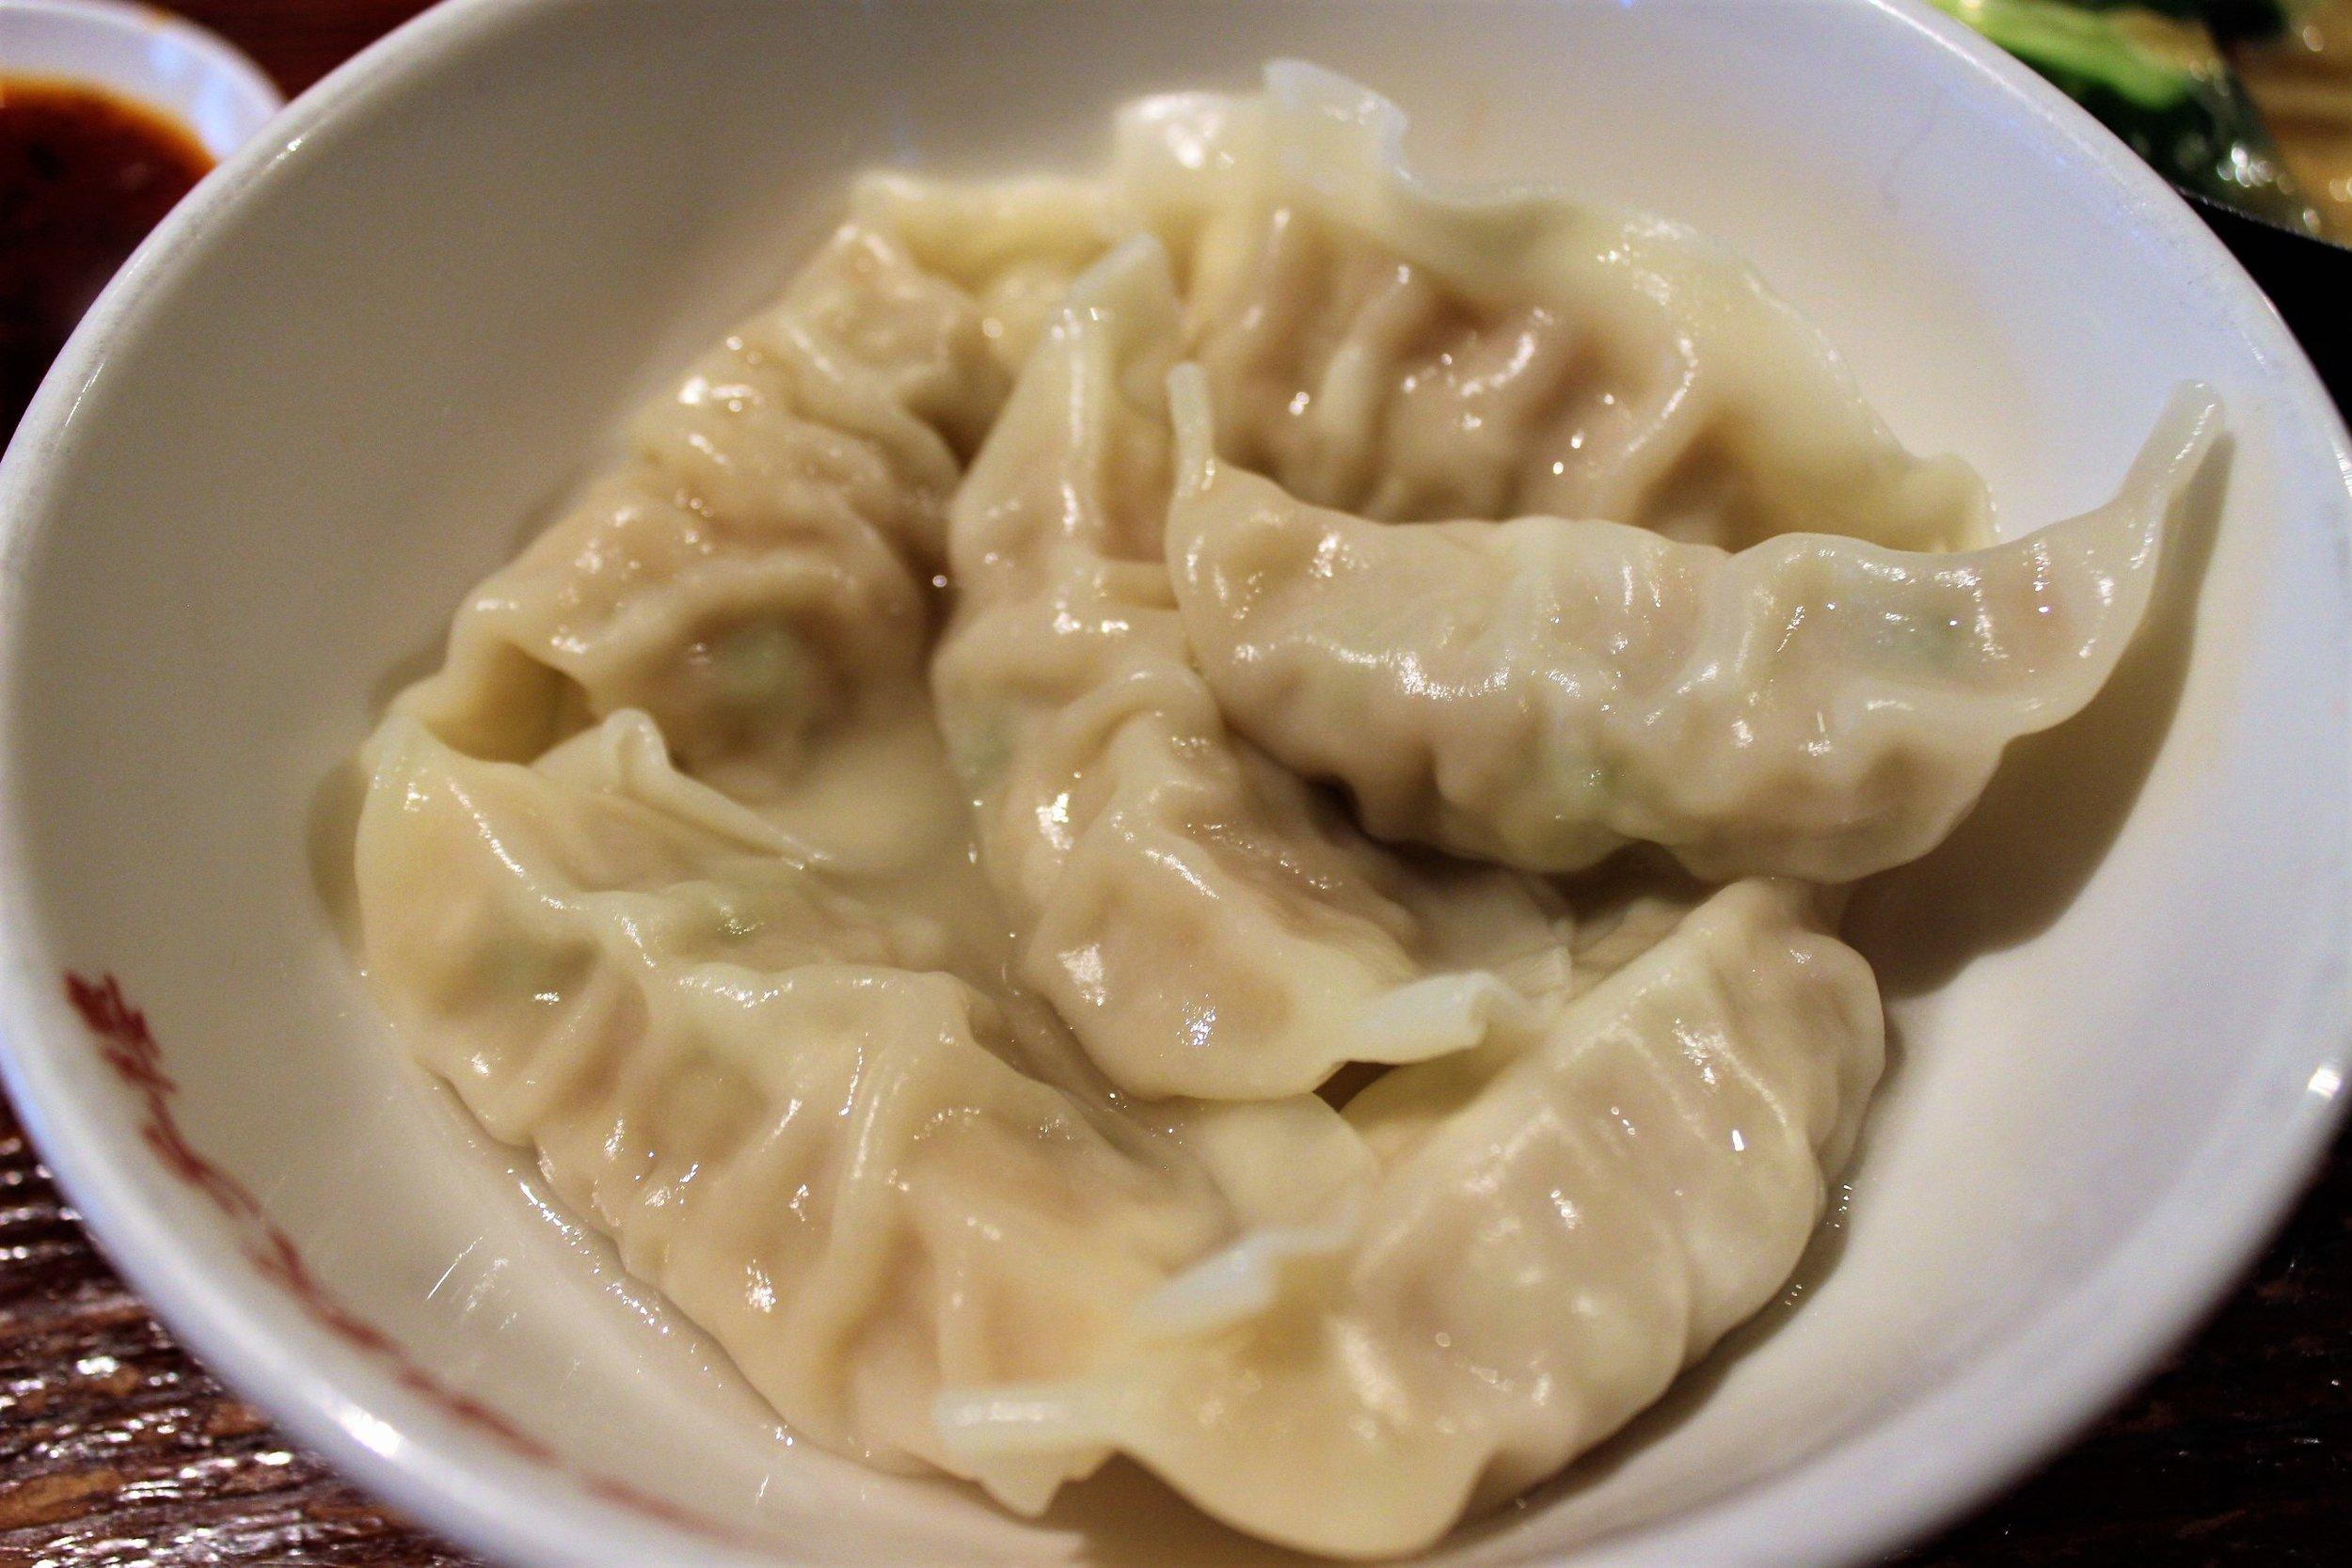 Original Steamed Dumplings at Harajuku Gyoza Lou in Japan